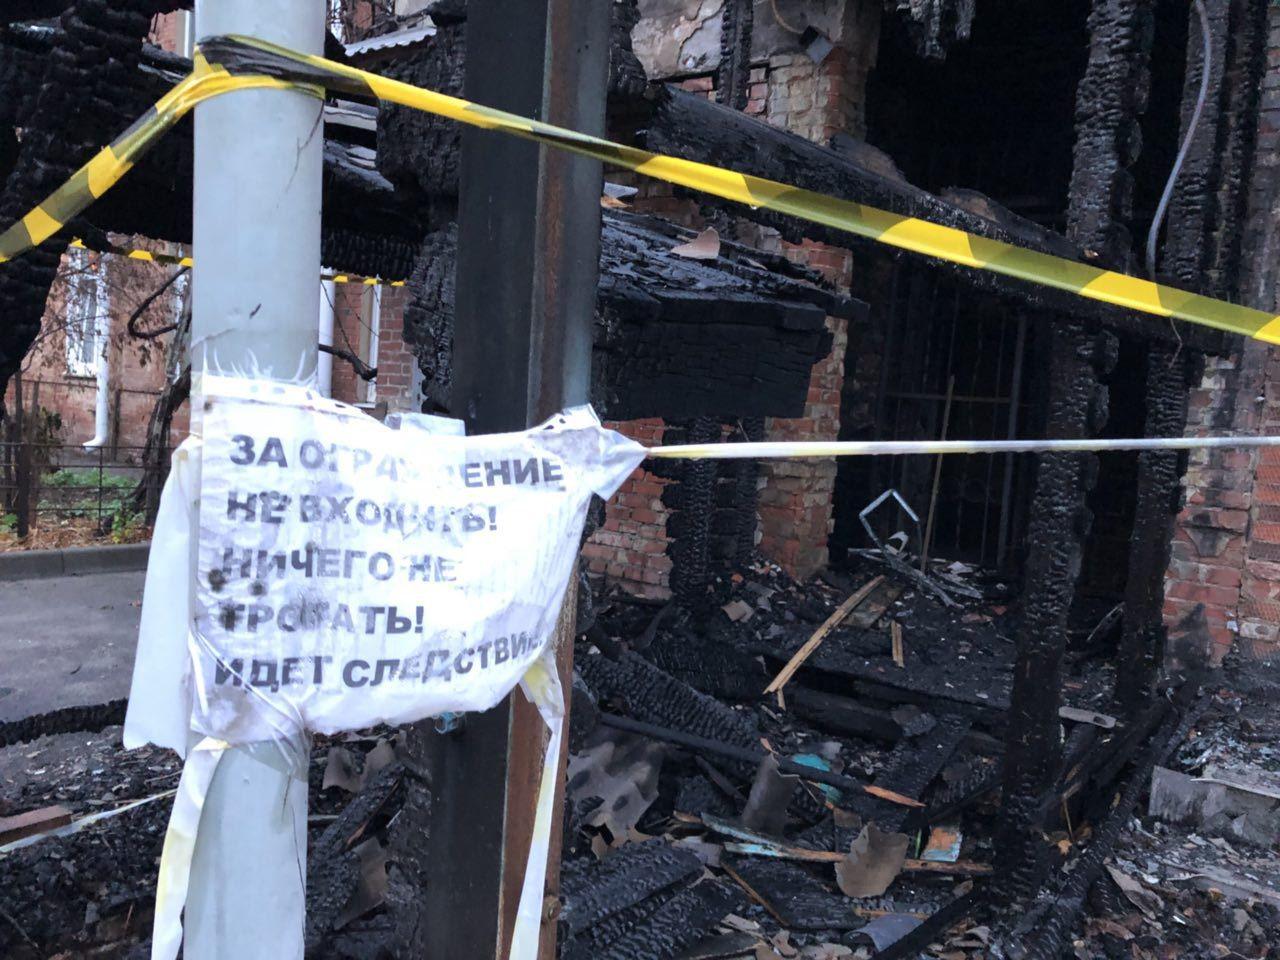 ВКраснодаре починят кровлю ввыгоревшей многоэтажке наулице Рашпилевской